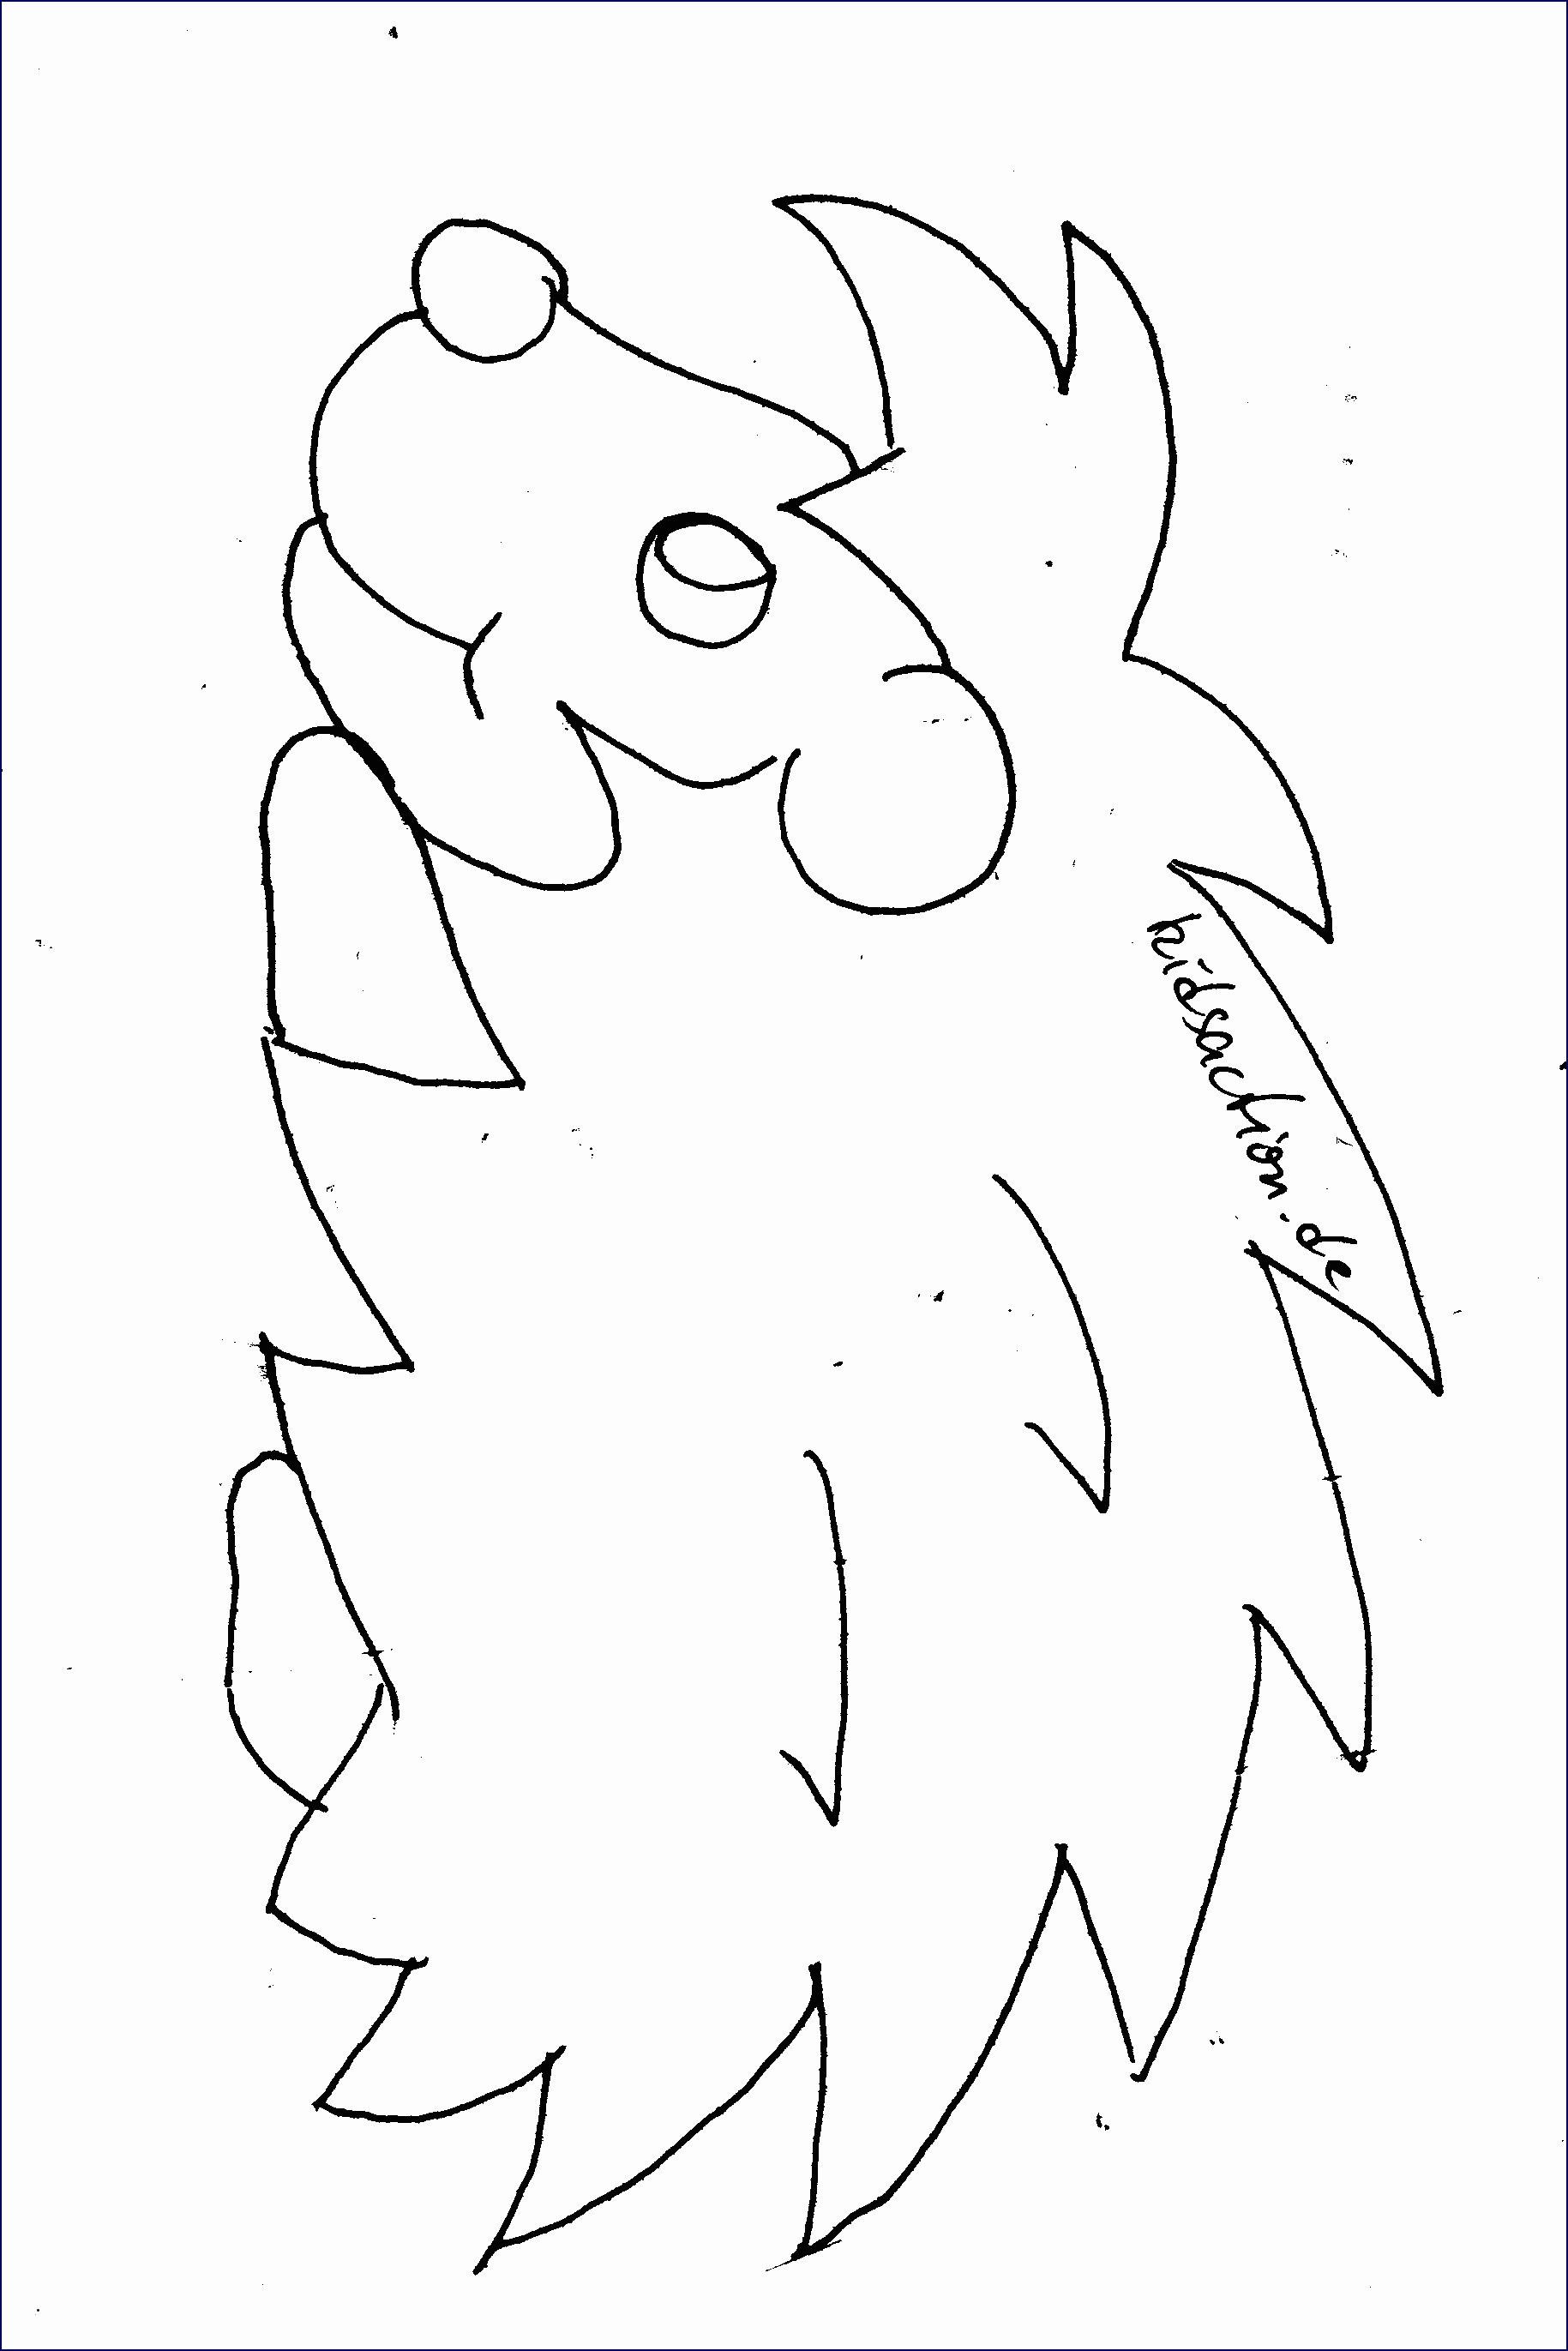 Hase Malen Vorlage Frisch 36 Skizze Hasen Malvorlagen Zum Ausdrucken Treehouse Nyc Bild